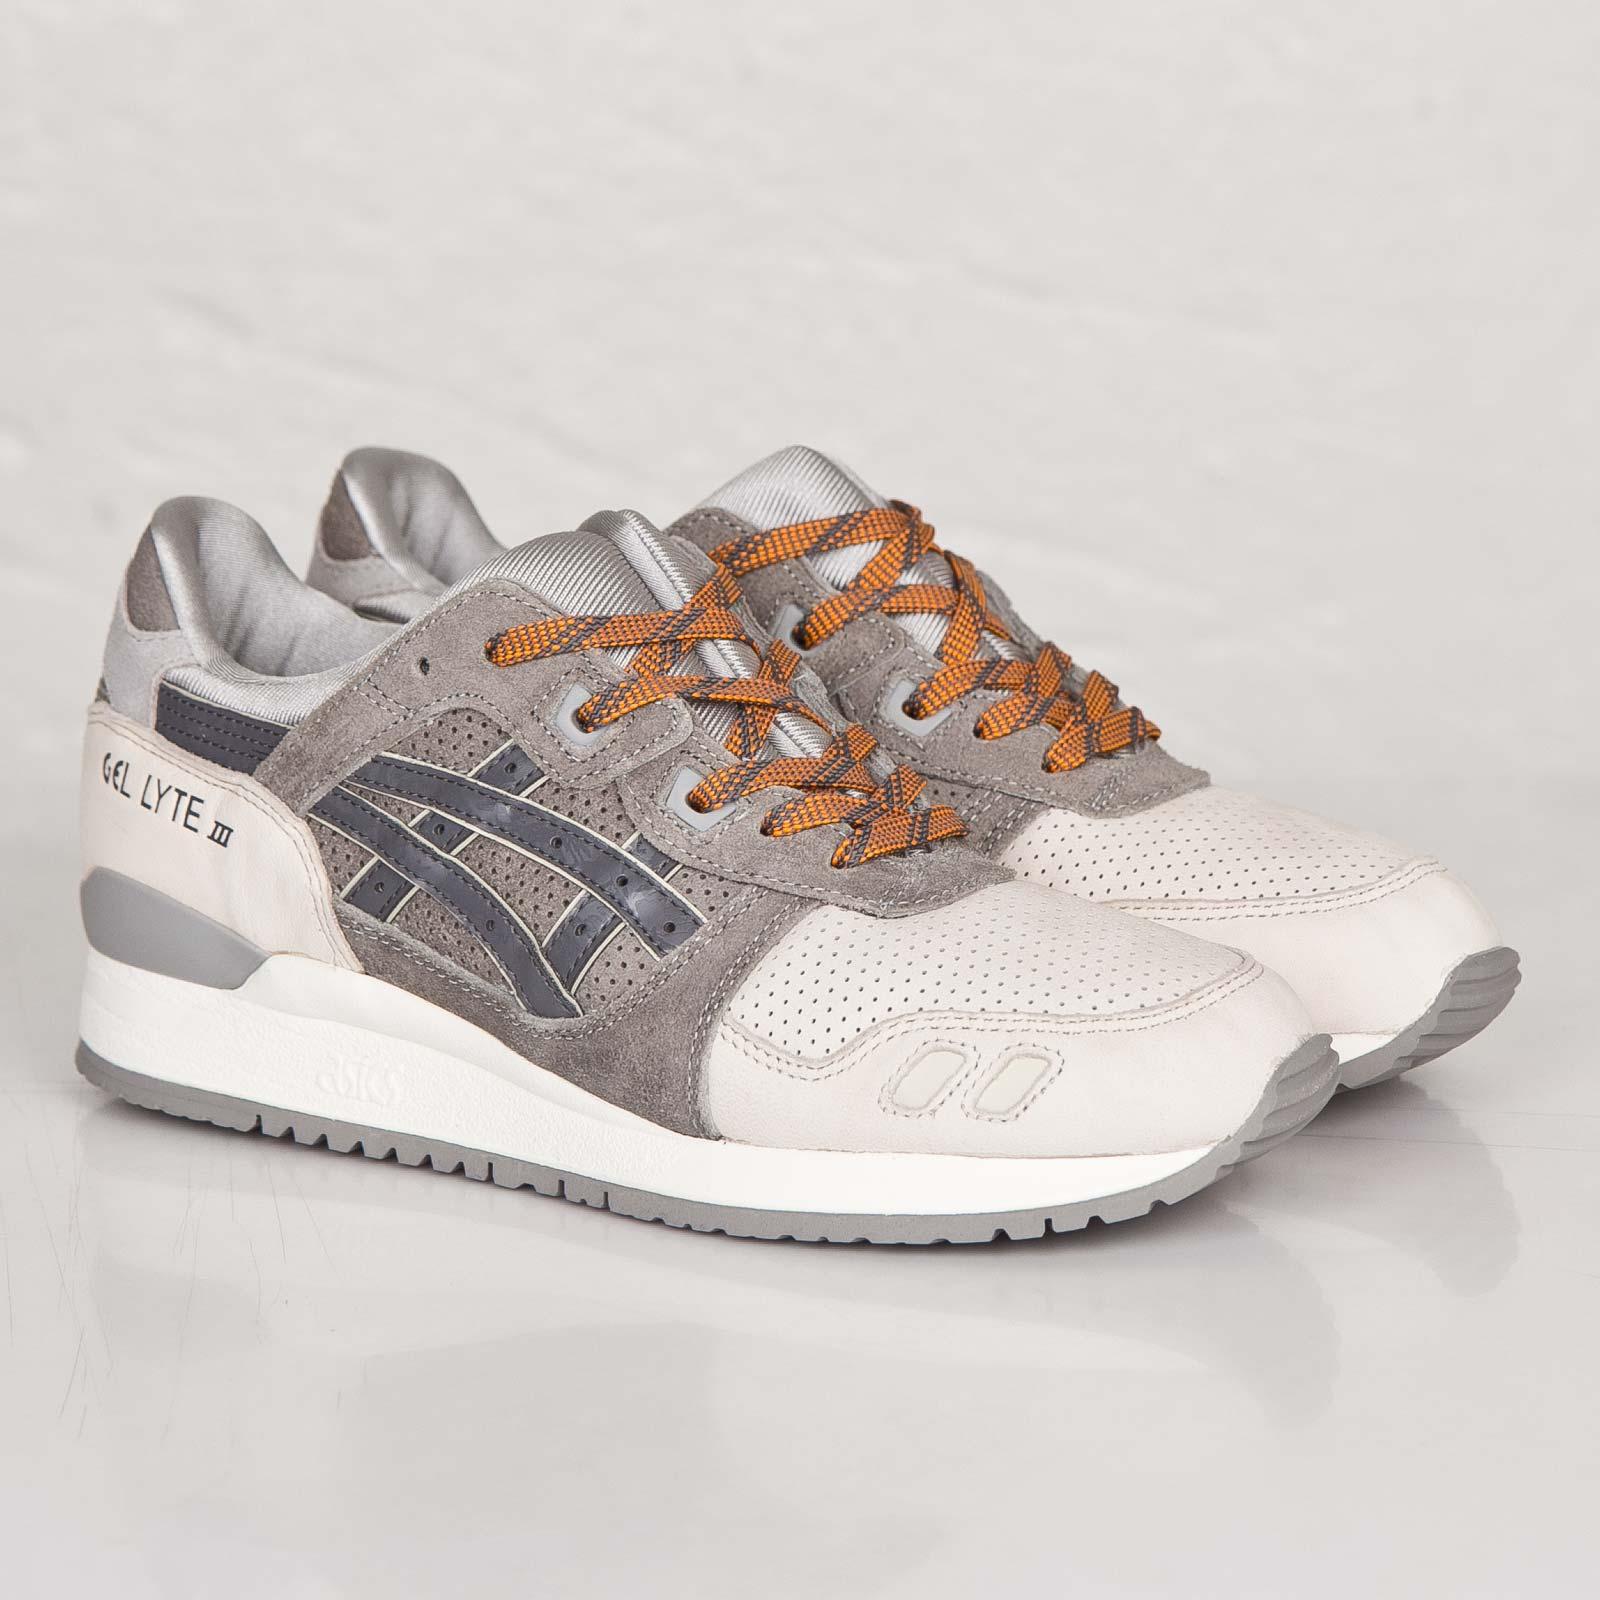 ASICS SportStyle Gel-Lyte III - H42nk-1311 - Sneakersnstuff ...